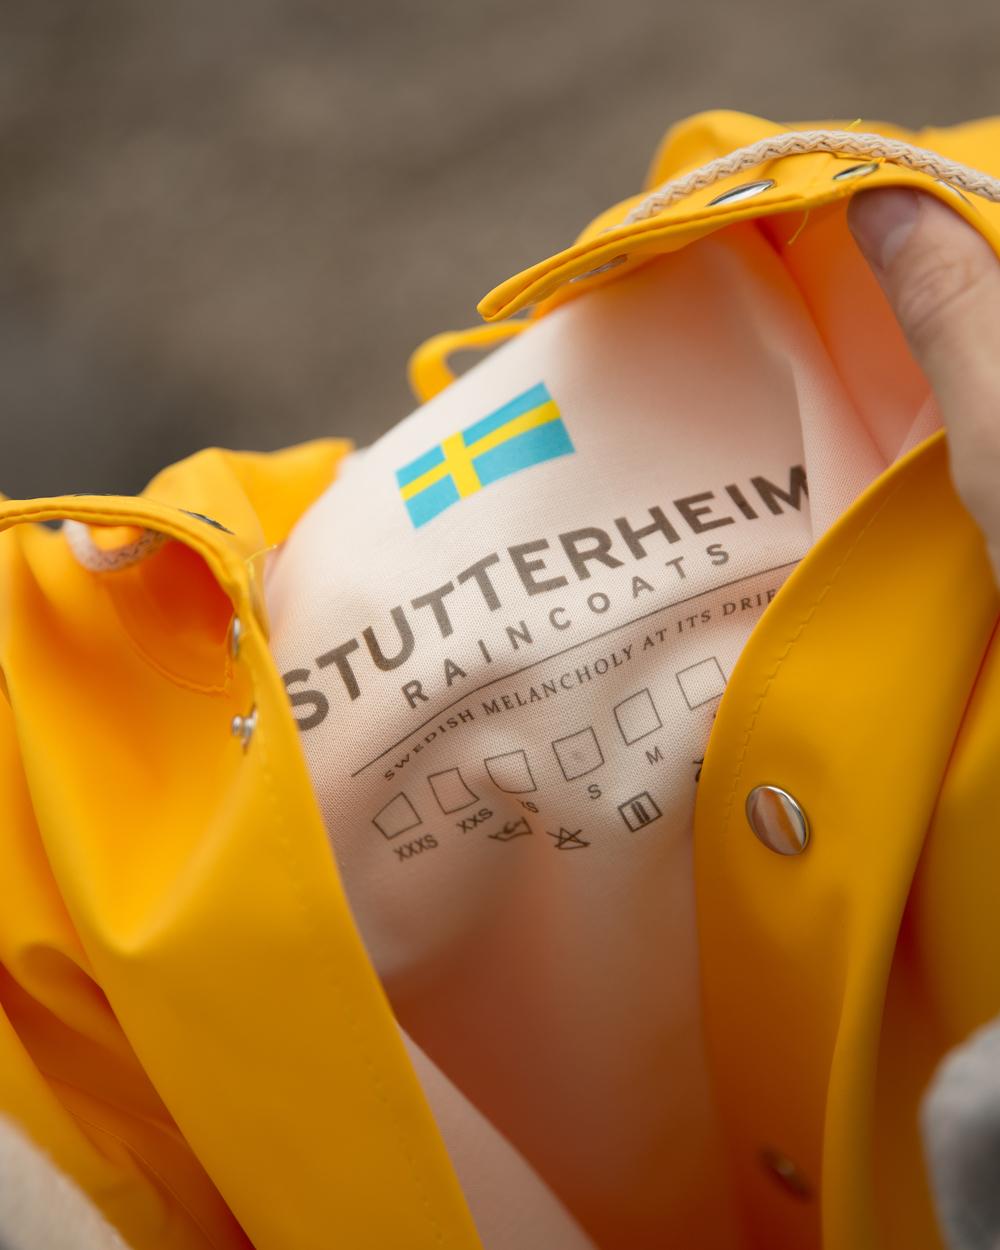 Introducing: Stutterheim